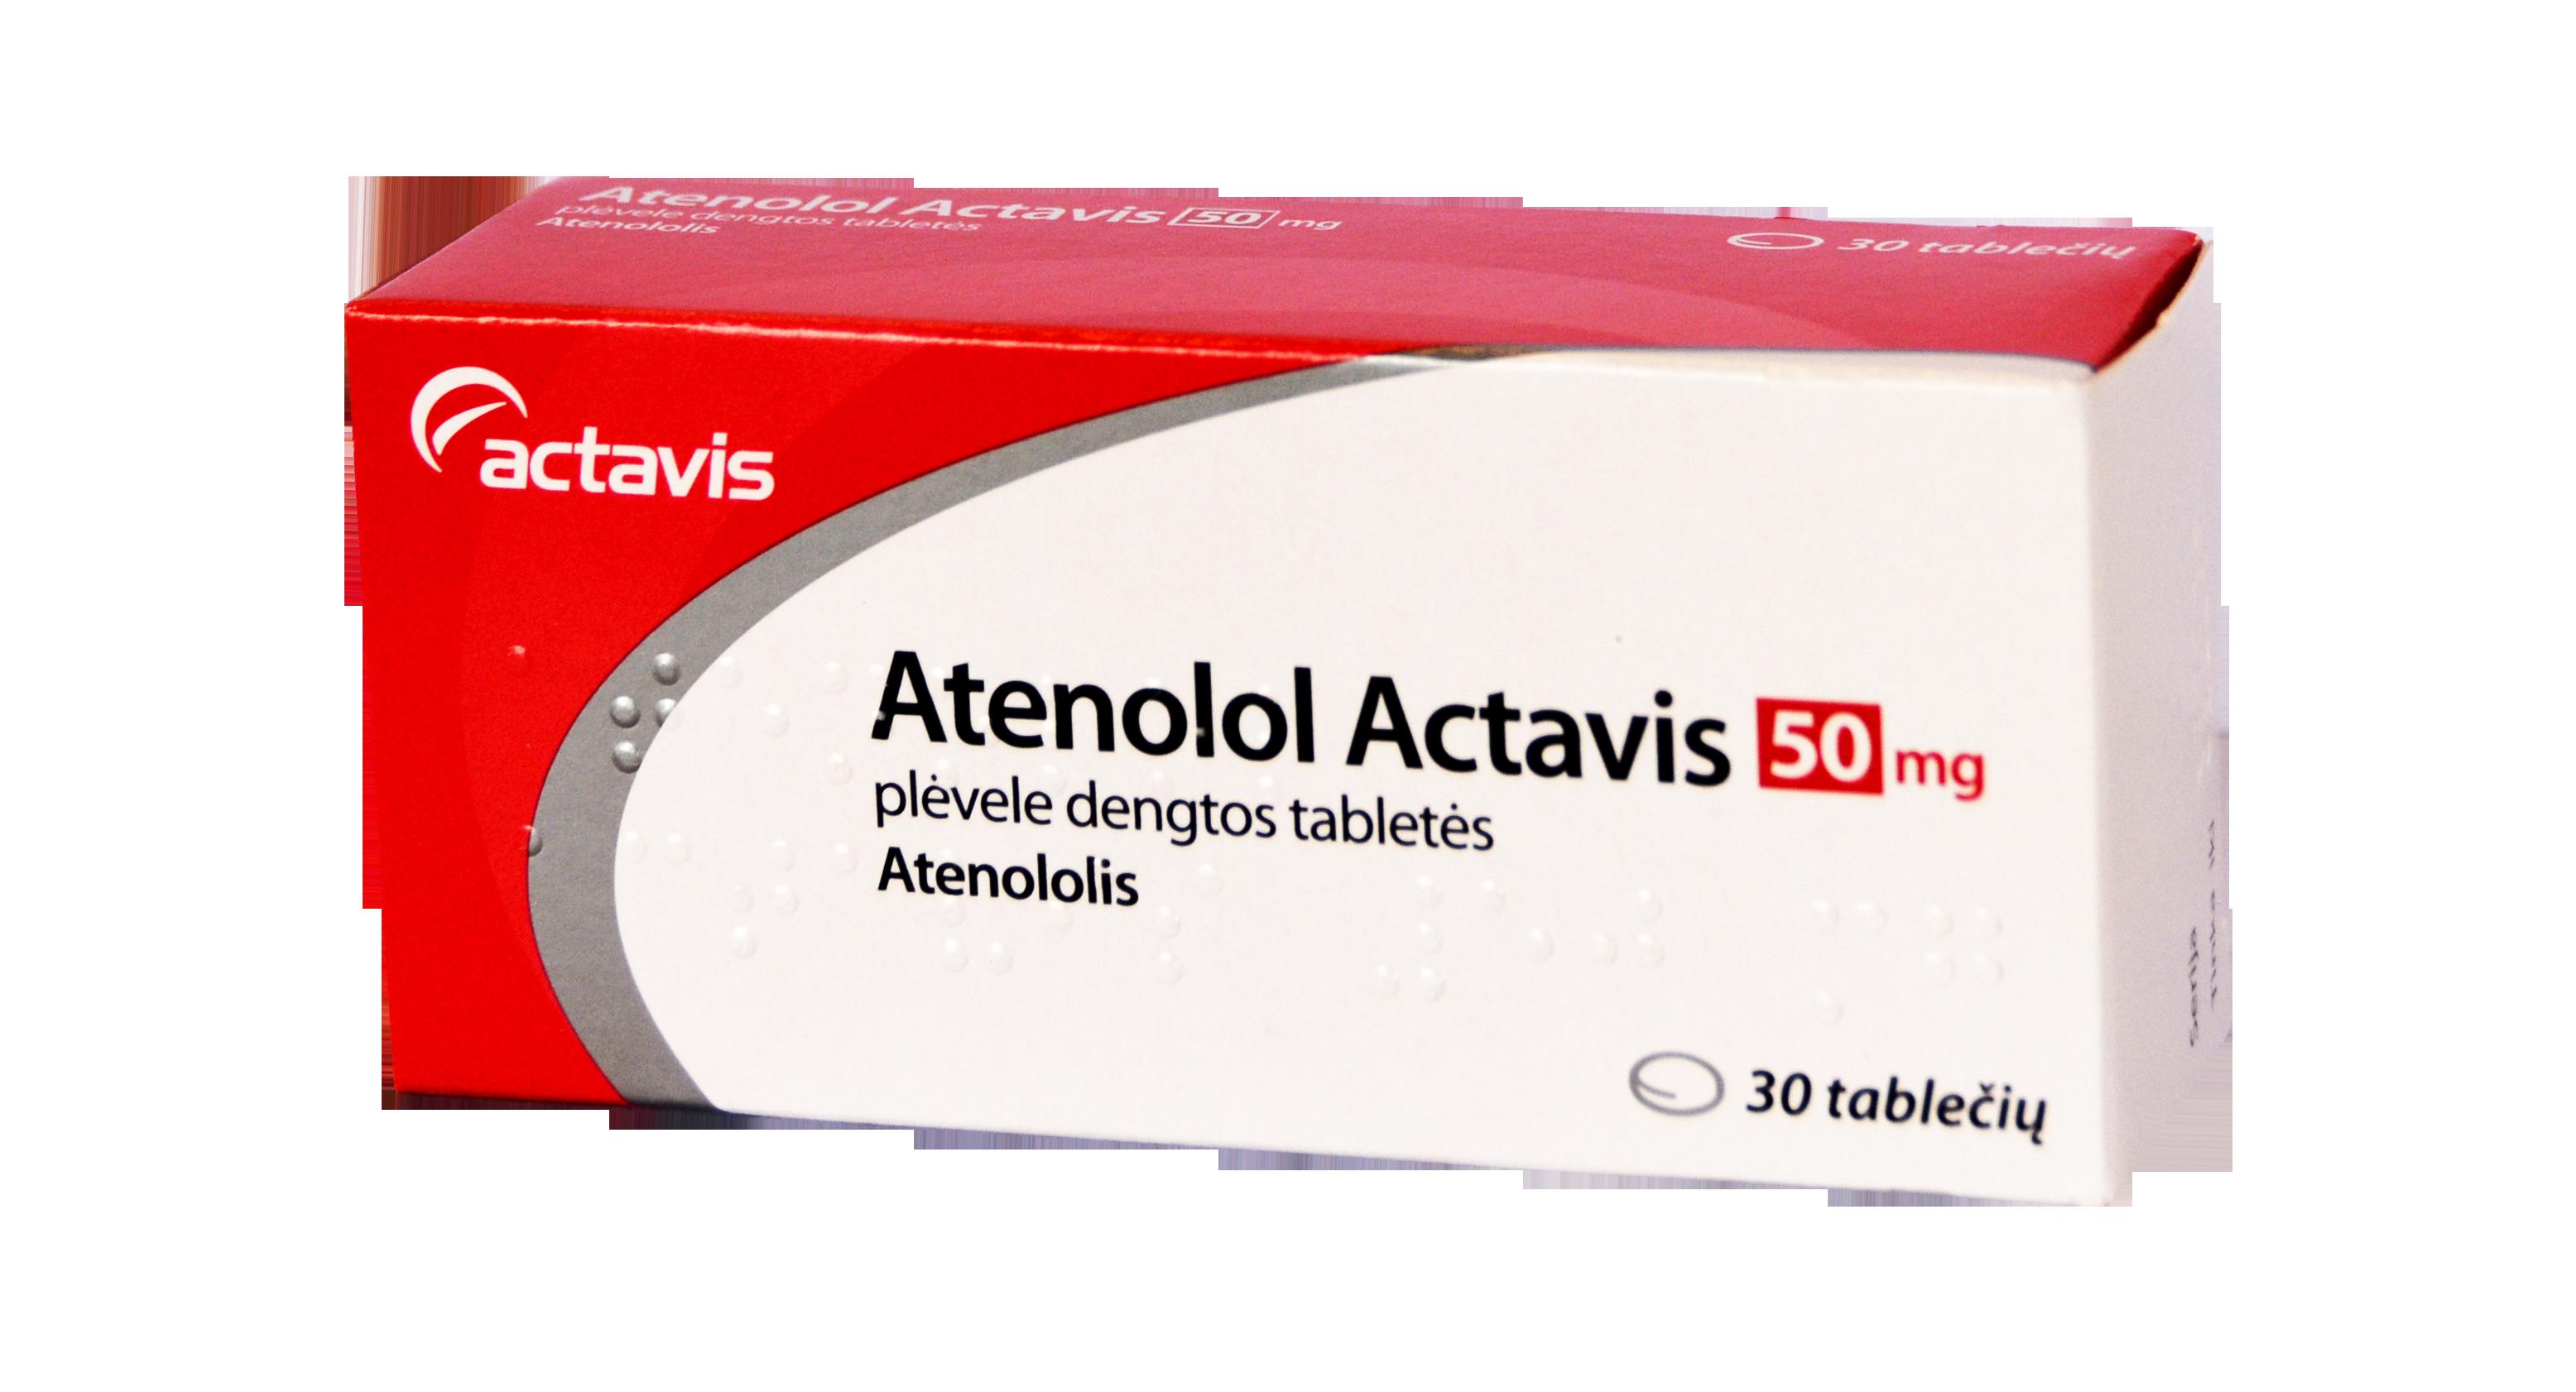 Atenolol Actavis | Vartojimas, šalutinis poveikis | taf.lt